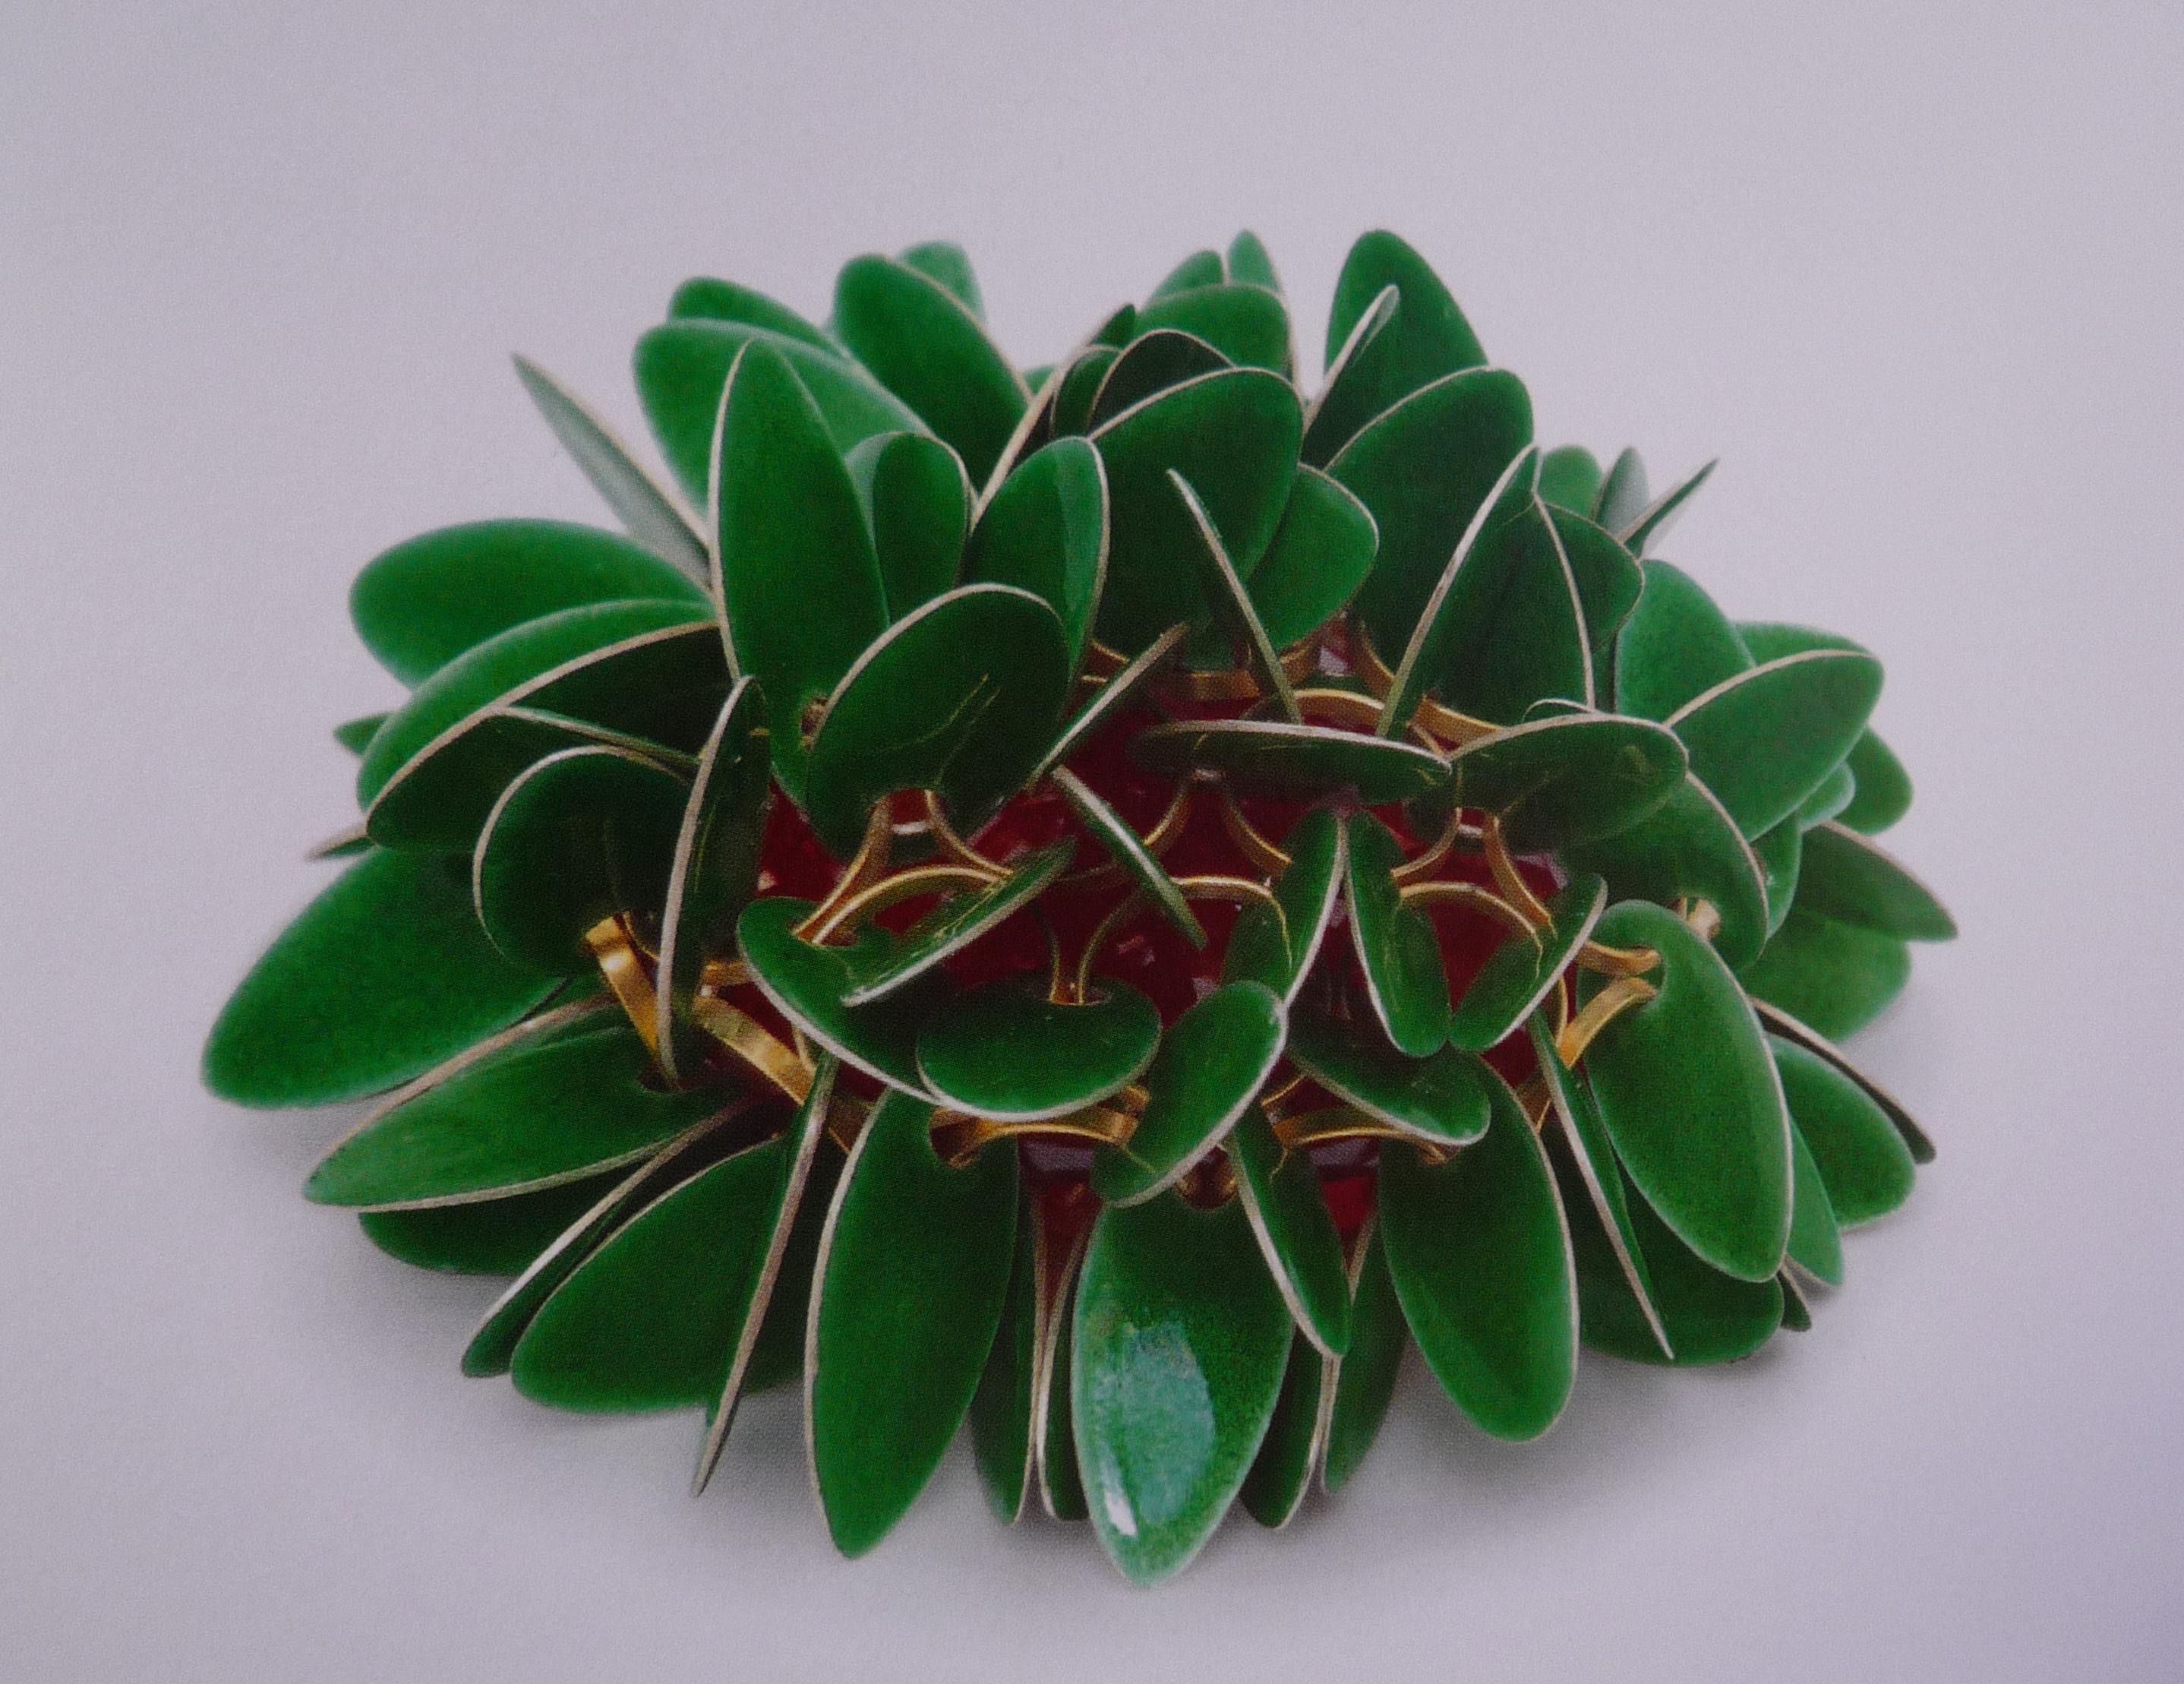 Gioiello Verde